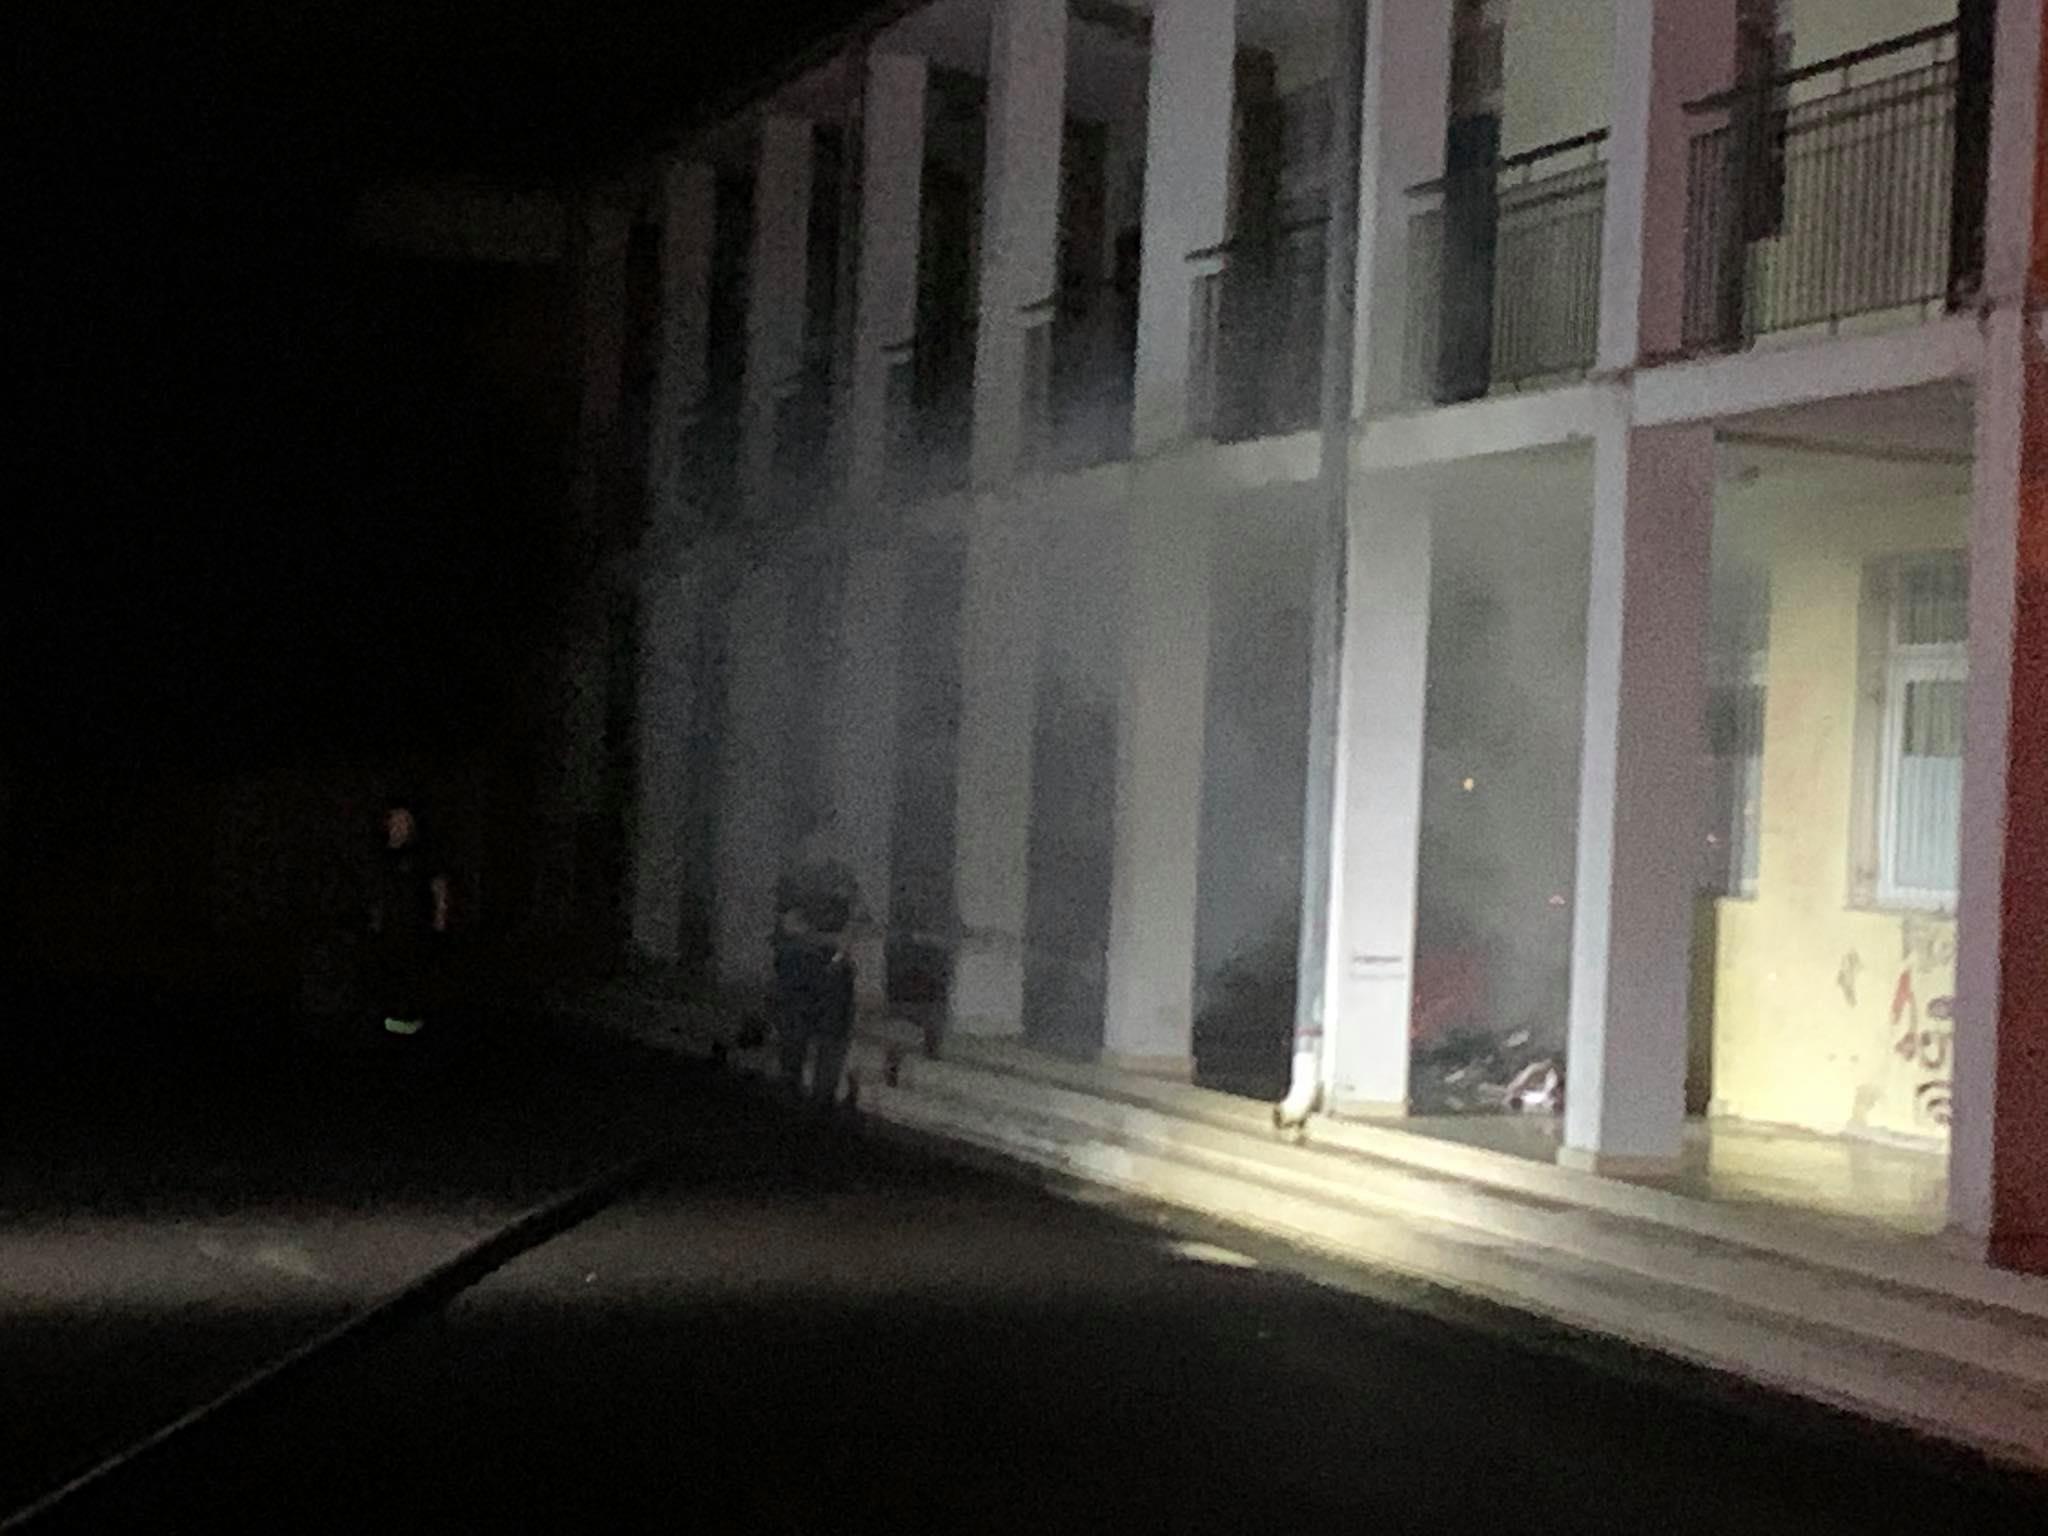 Κινητοποίηση της Πυροσβεστικής για φωτιά στο 4ο Γυμνάσιο Αγρινίου- καίγονταν βιβλία